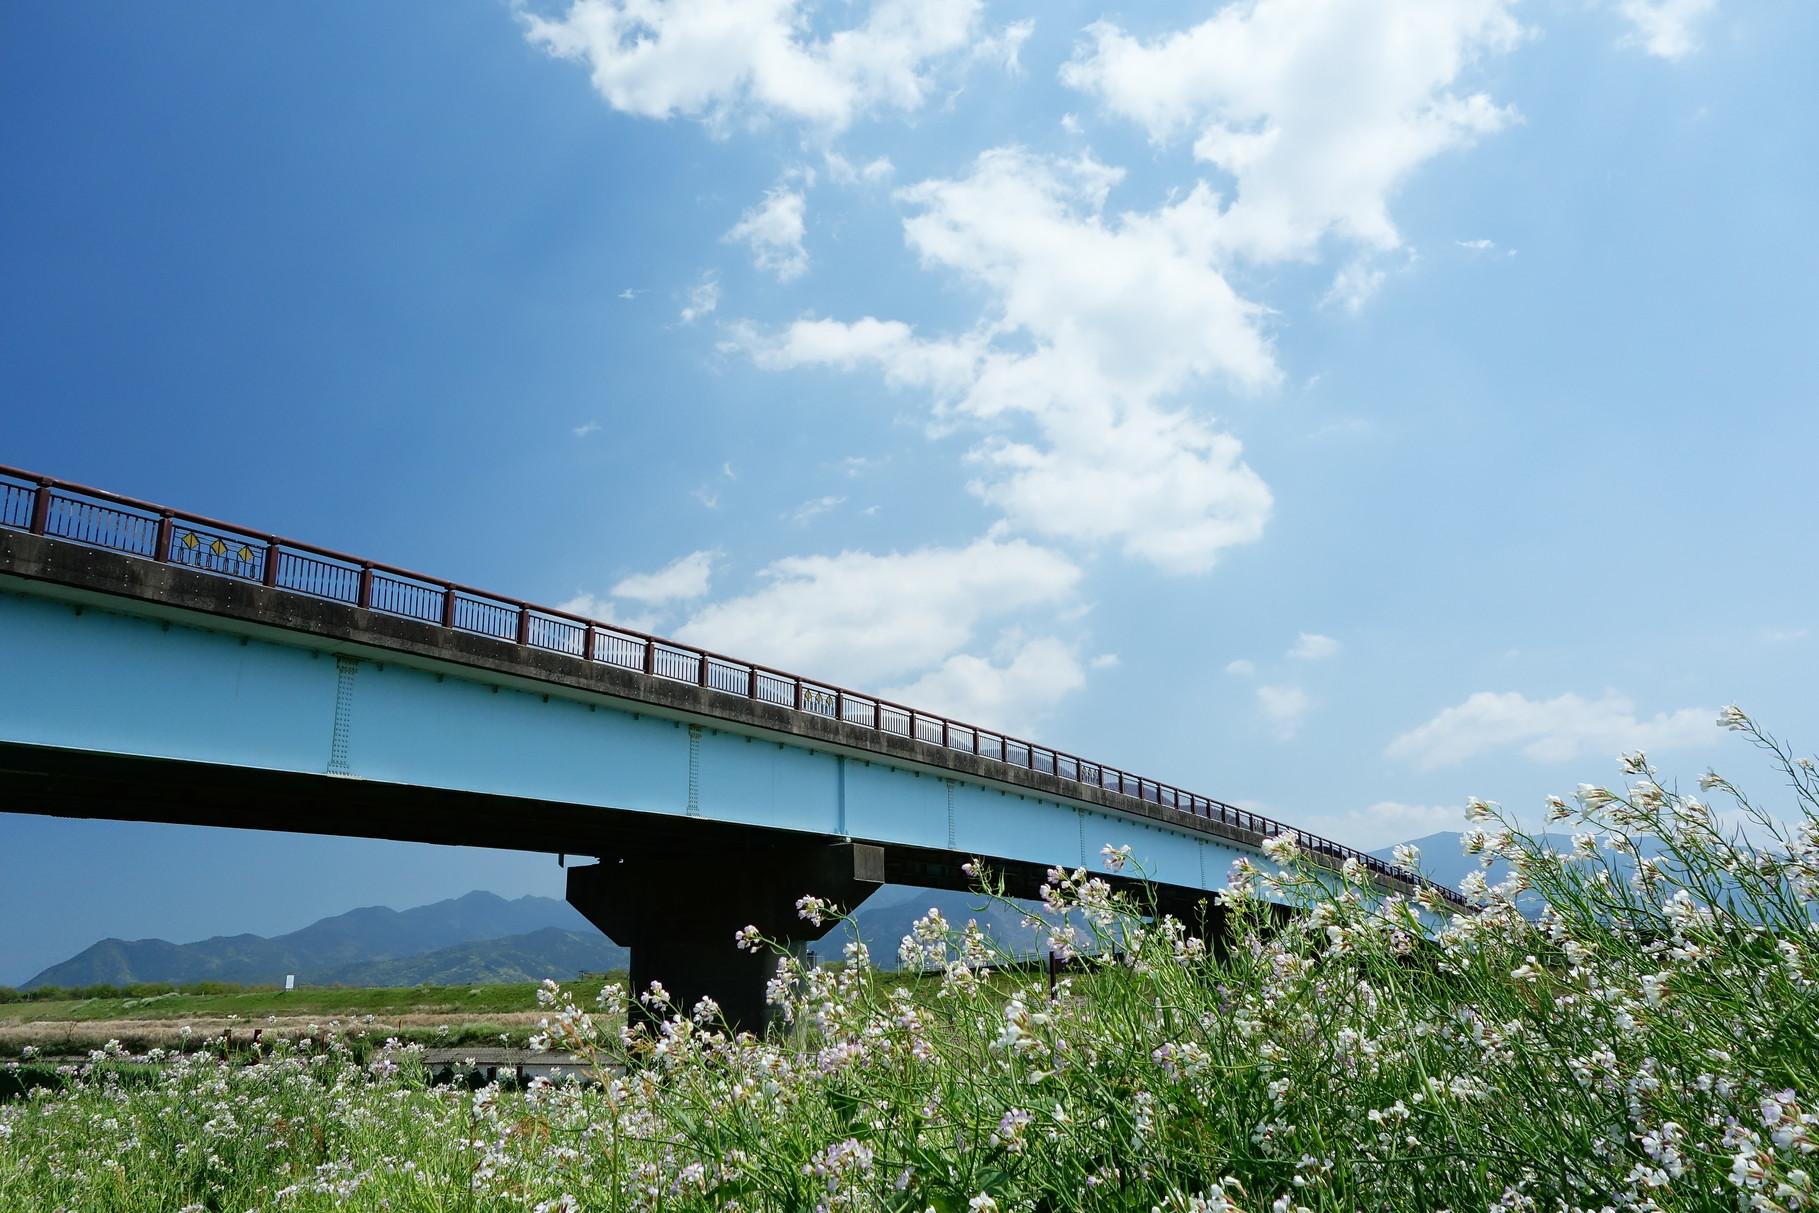 高良橋の下から。気持ちの良い陽気でした。